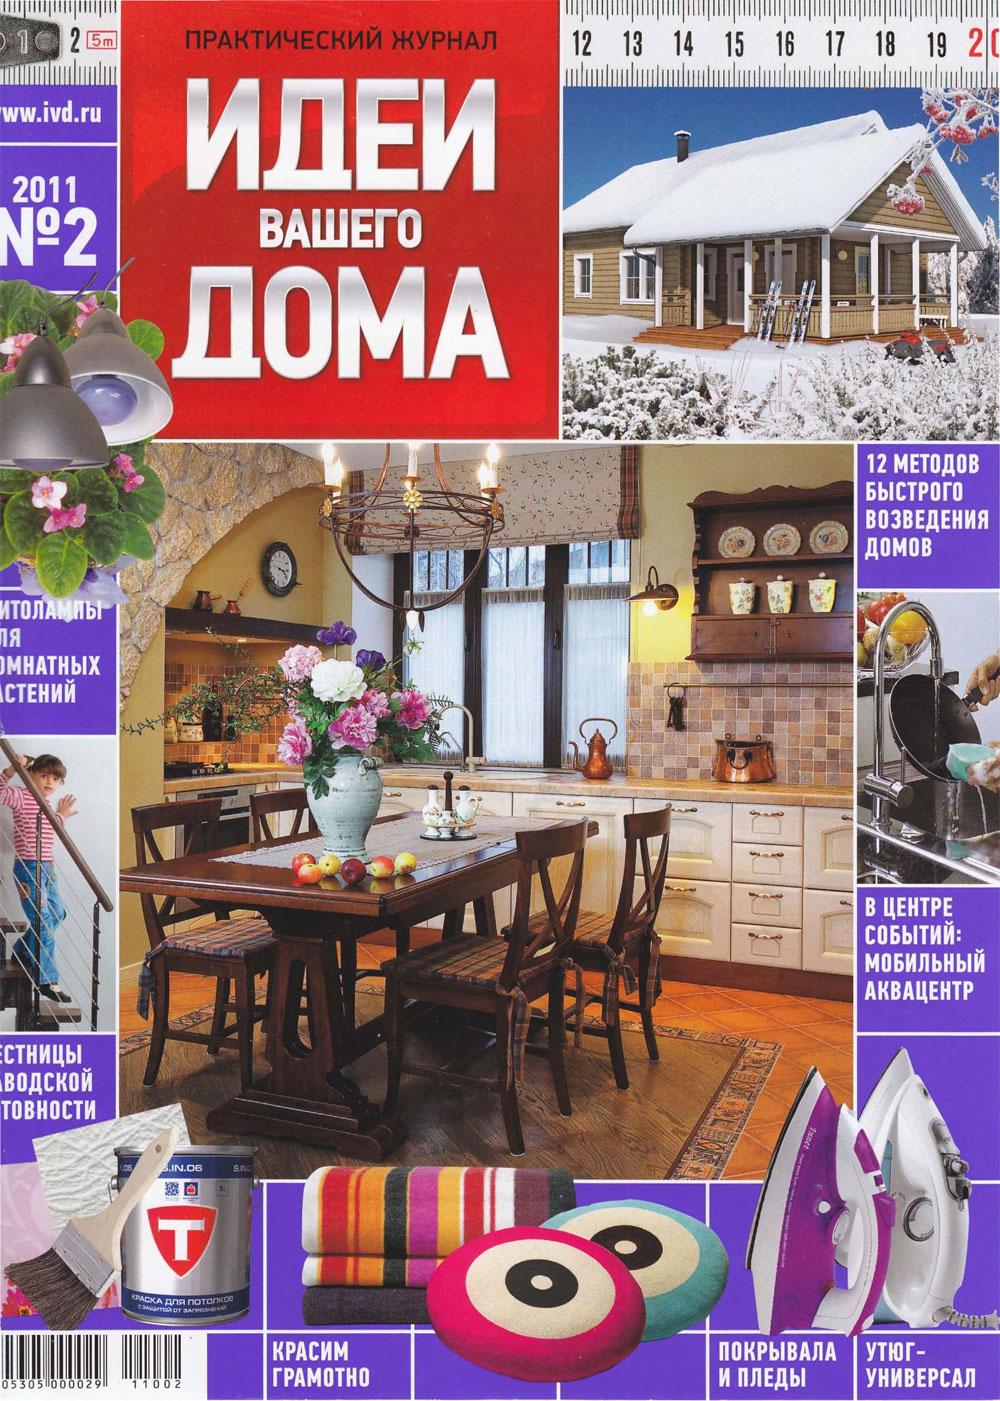 Наш интерьер в журнале «Идеи Вашего Дома», февраль, 2011